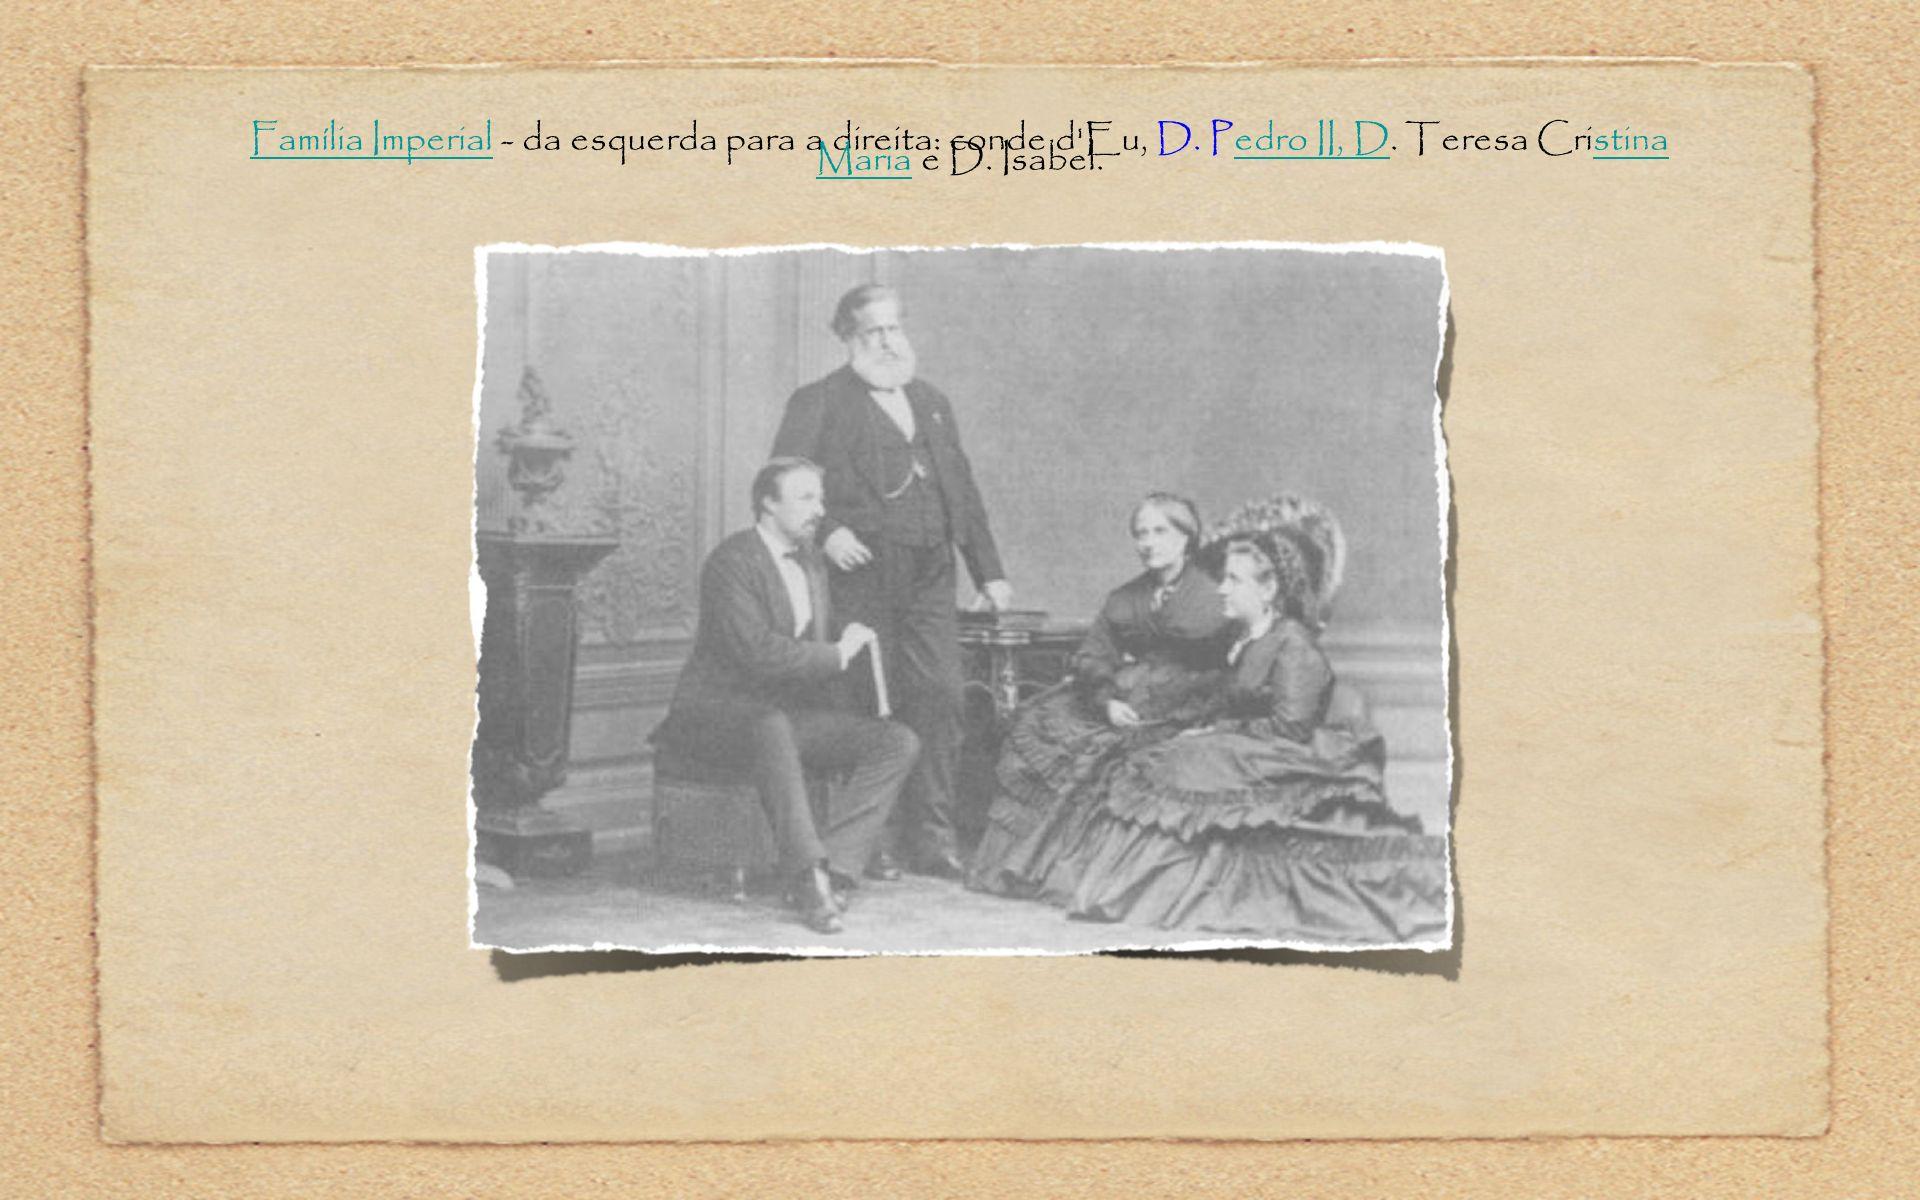 Família ImperialFamília Imperial - da esquerda para a direita: conde d'Eu, D. Pedro II, D. Teresa Cristina Maria e D. Isabel.edro II, Dstina Maria